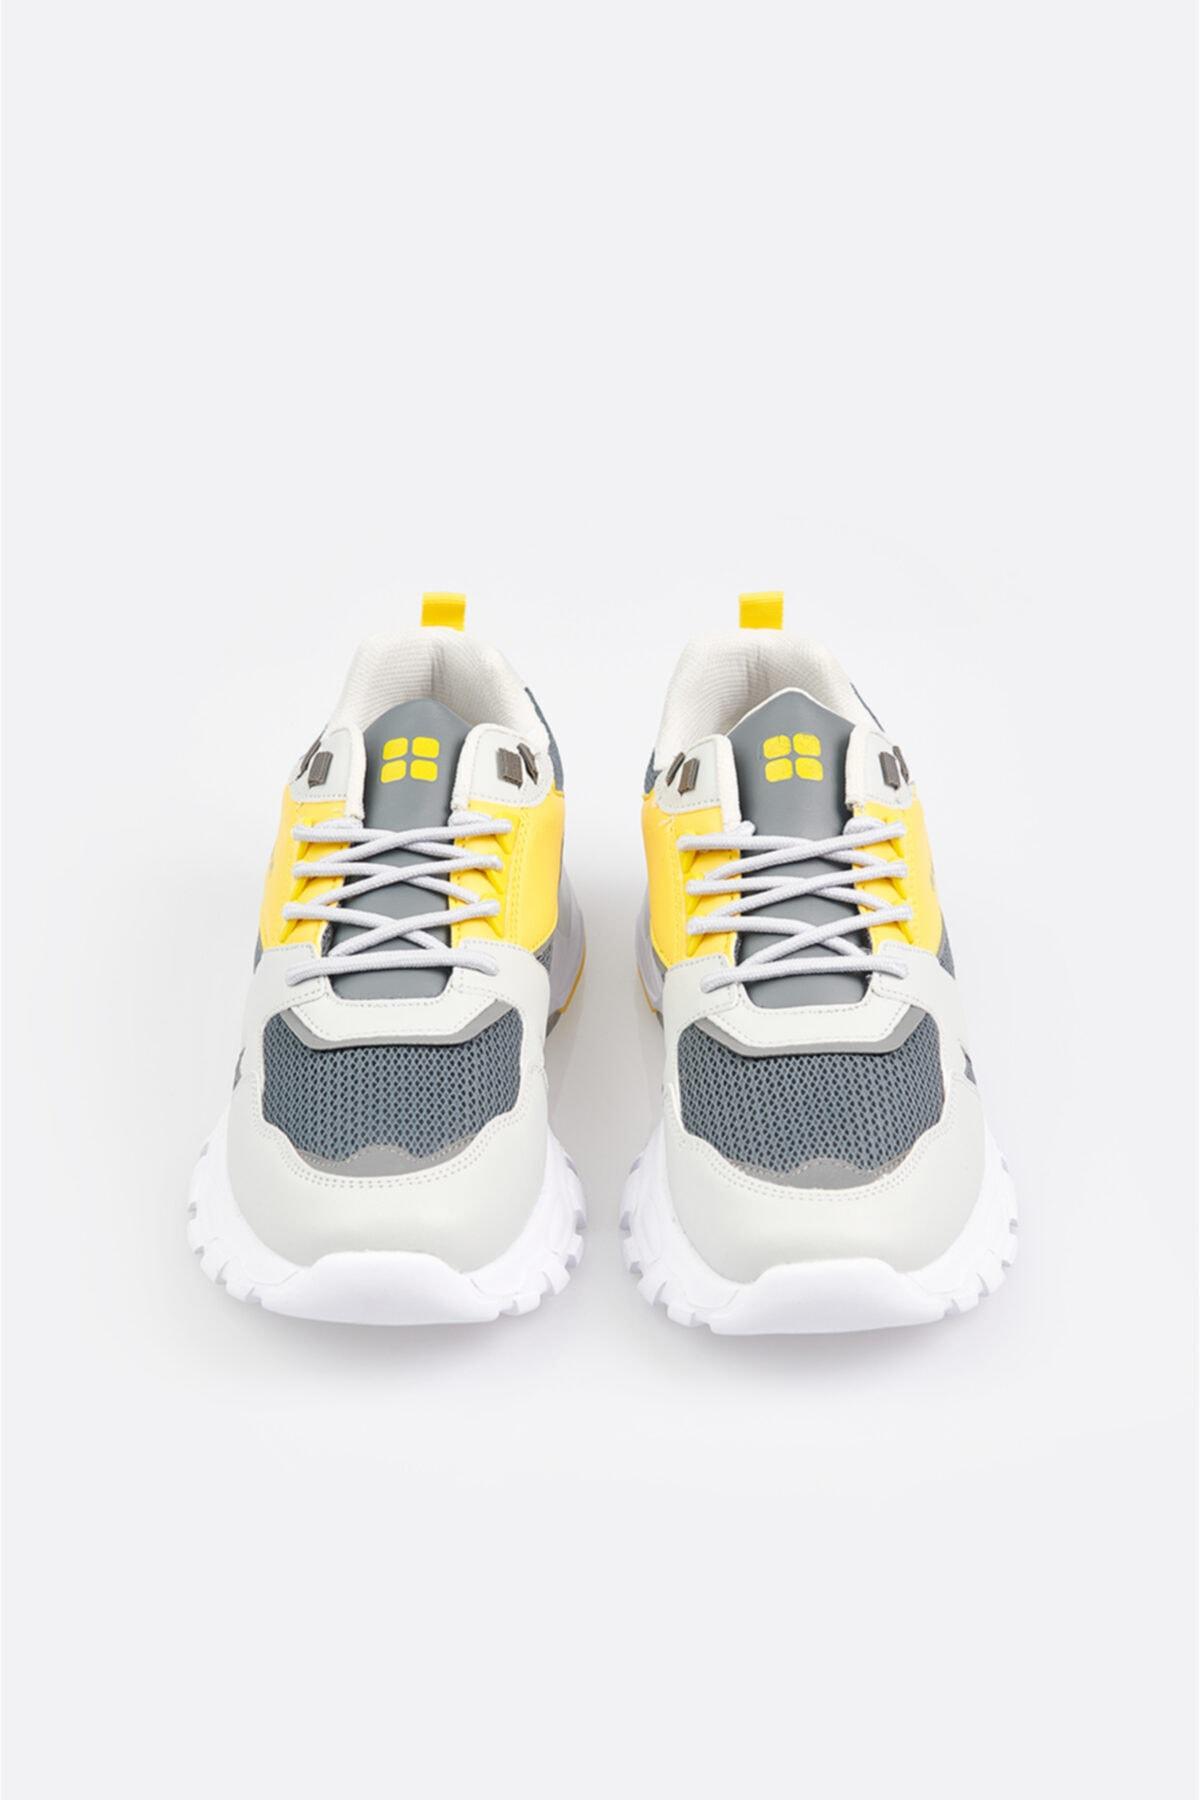 Avva Erkek Gri Garnili Spor Ayakkabı A11y8012 2